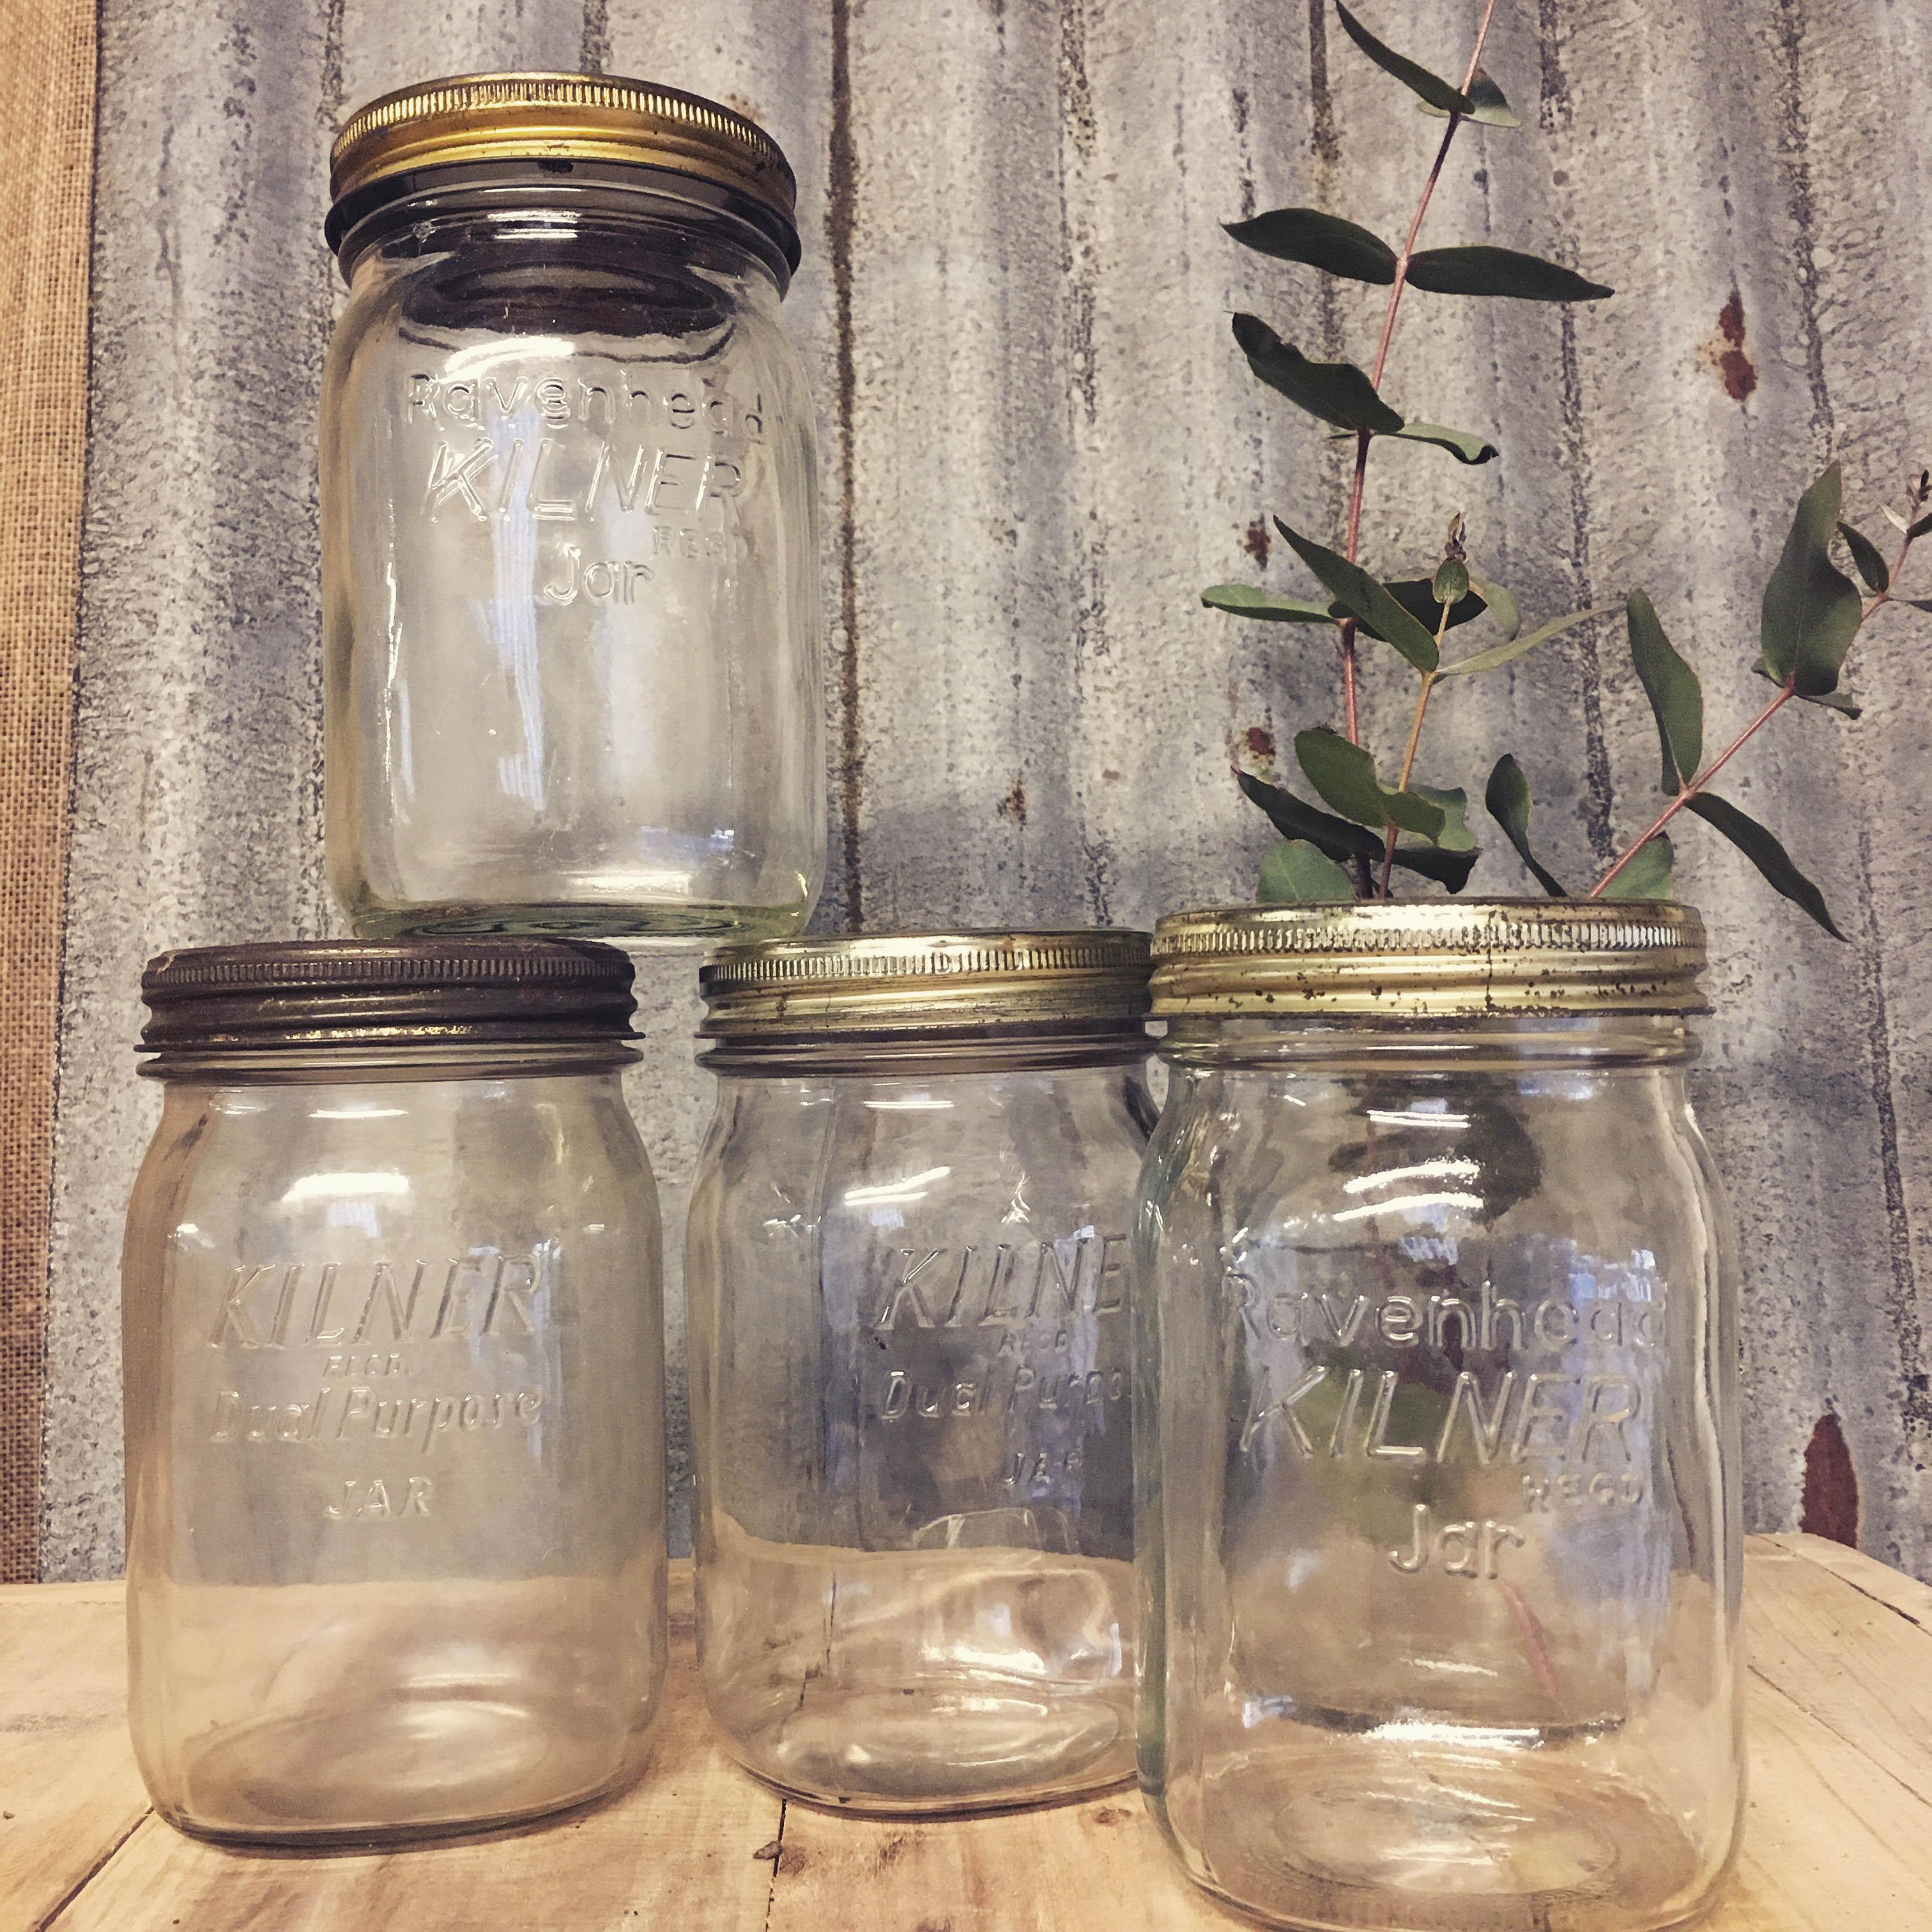 Vintage Kilner Jars £1 each